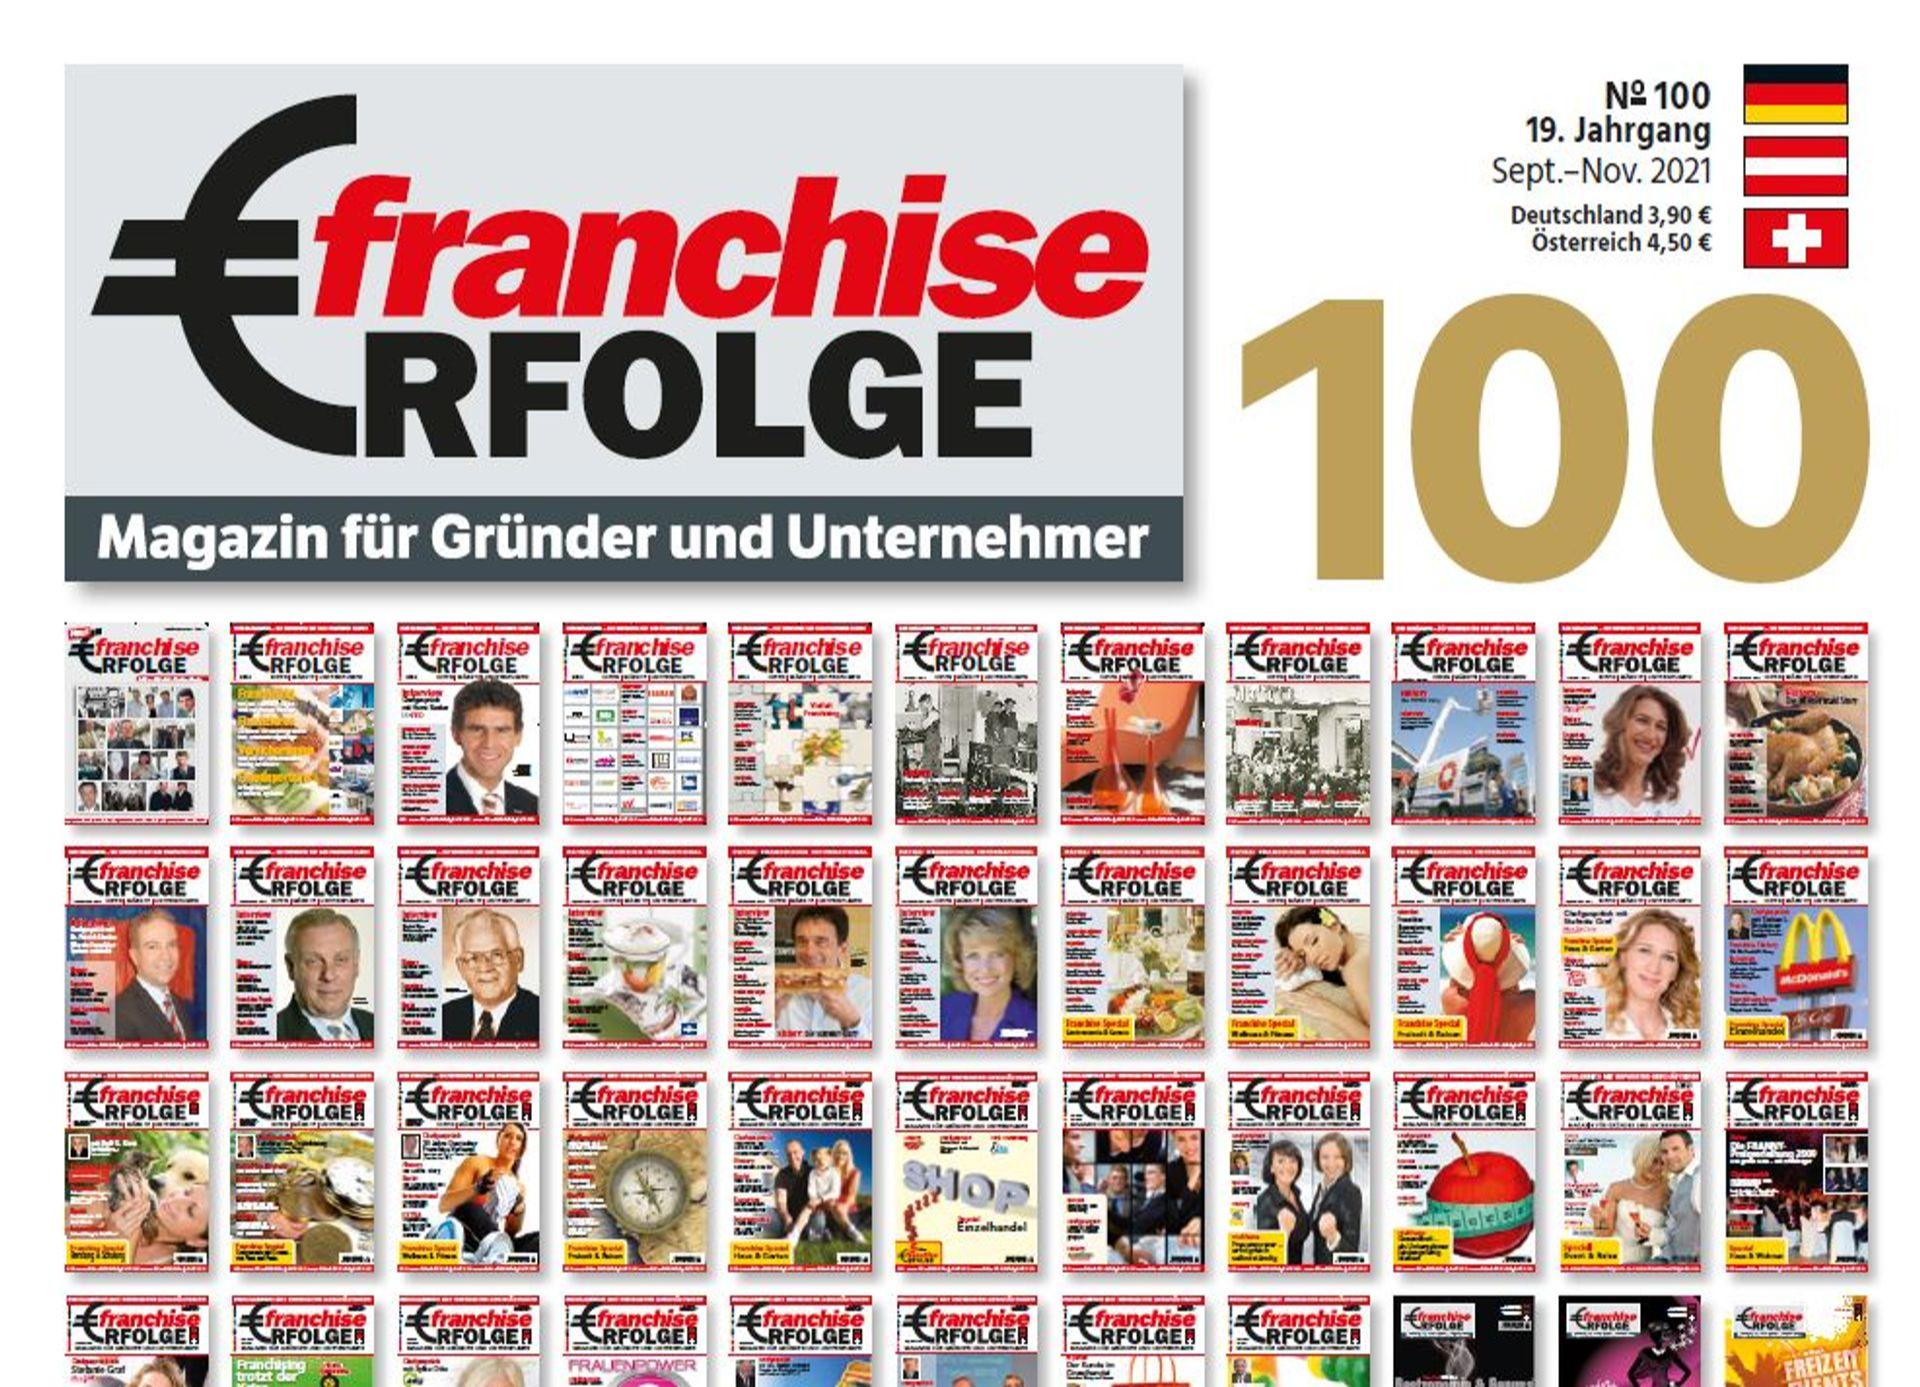 """Jubiläumsausgabe: Fachmagazin """"Franchise-Erfolge"""" zum 100. Mal erschienen"""